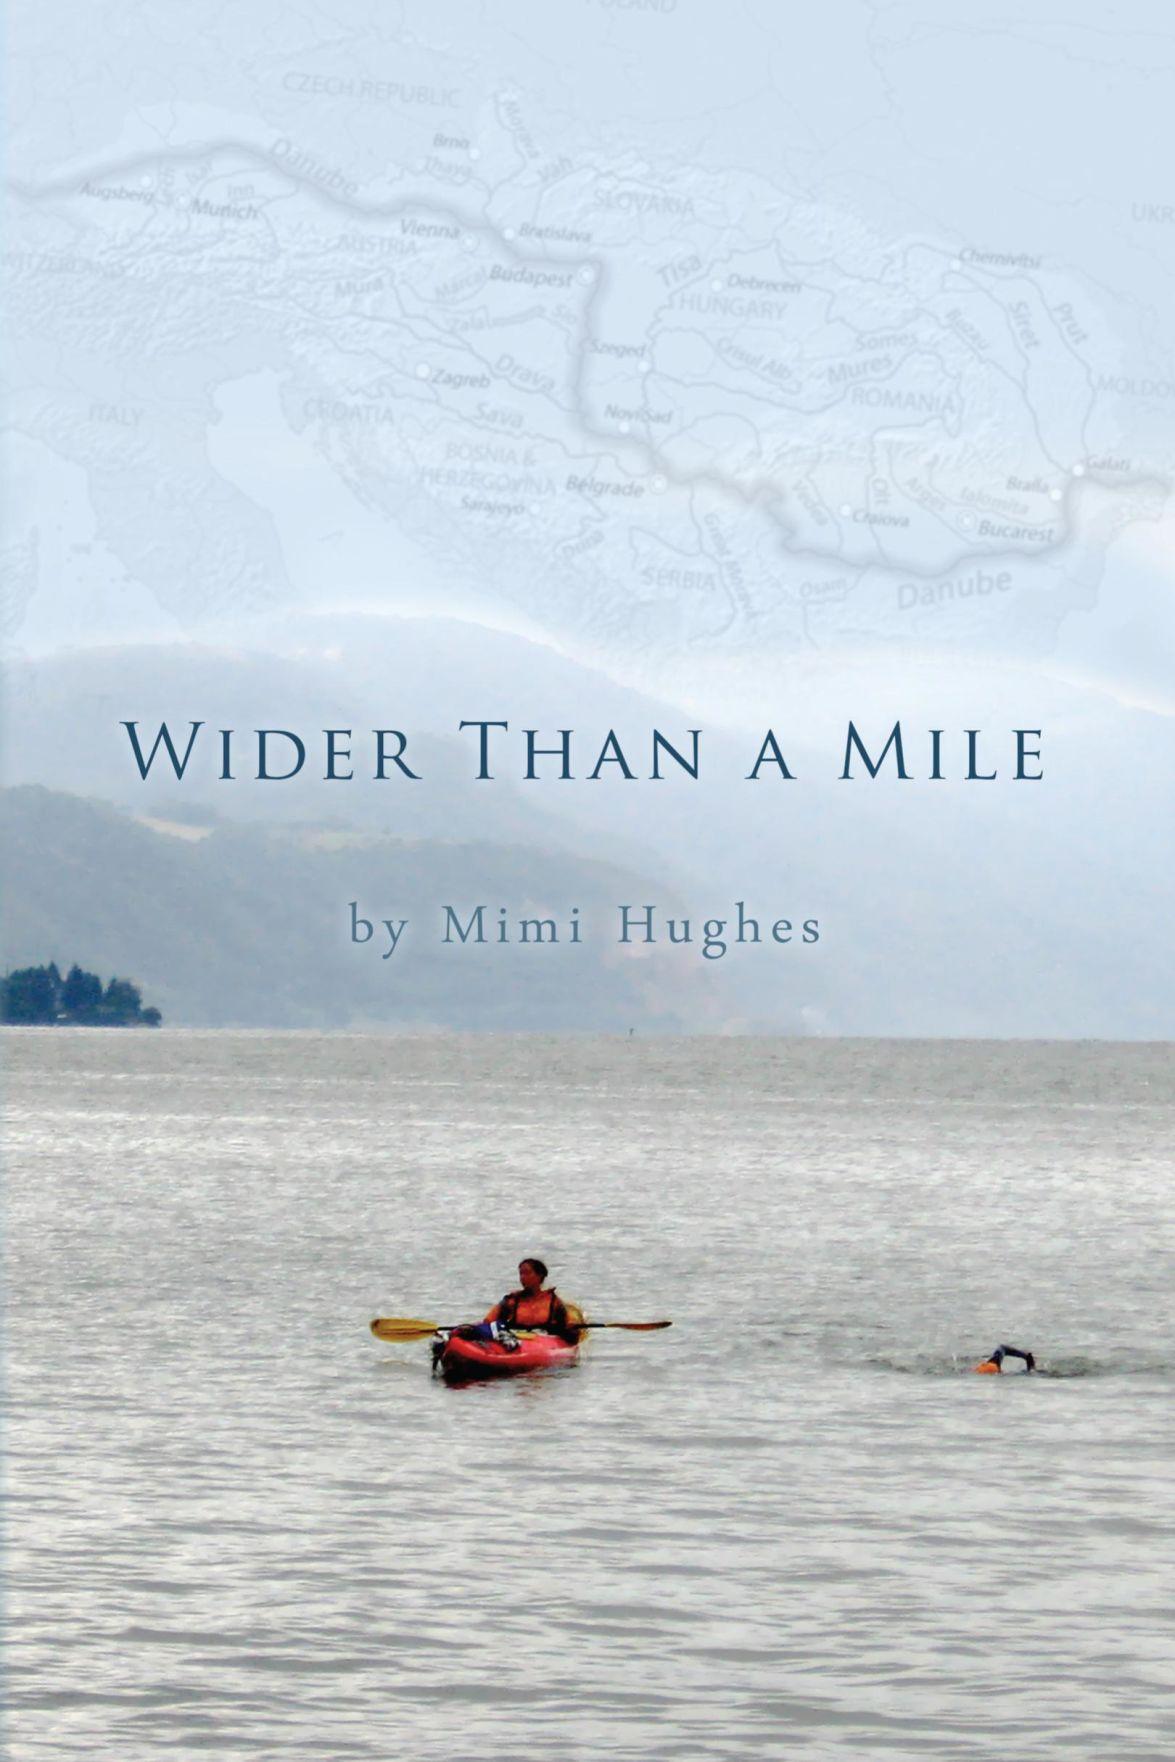 Hughes, athlete, activist, author, signs books